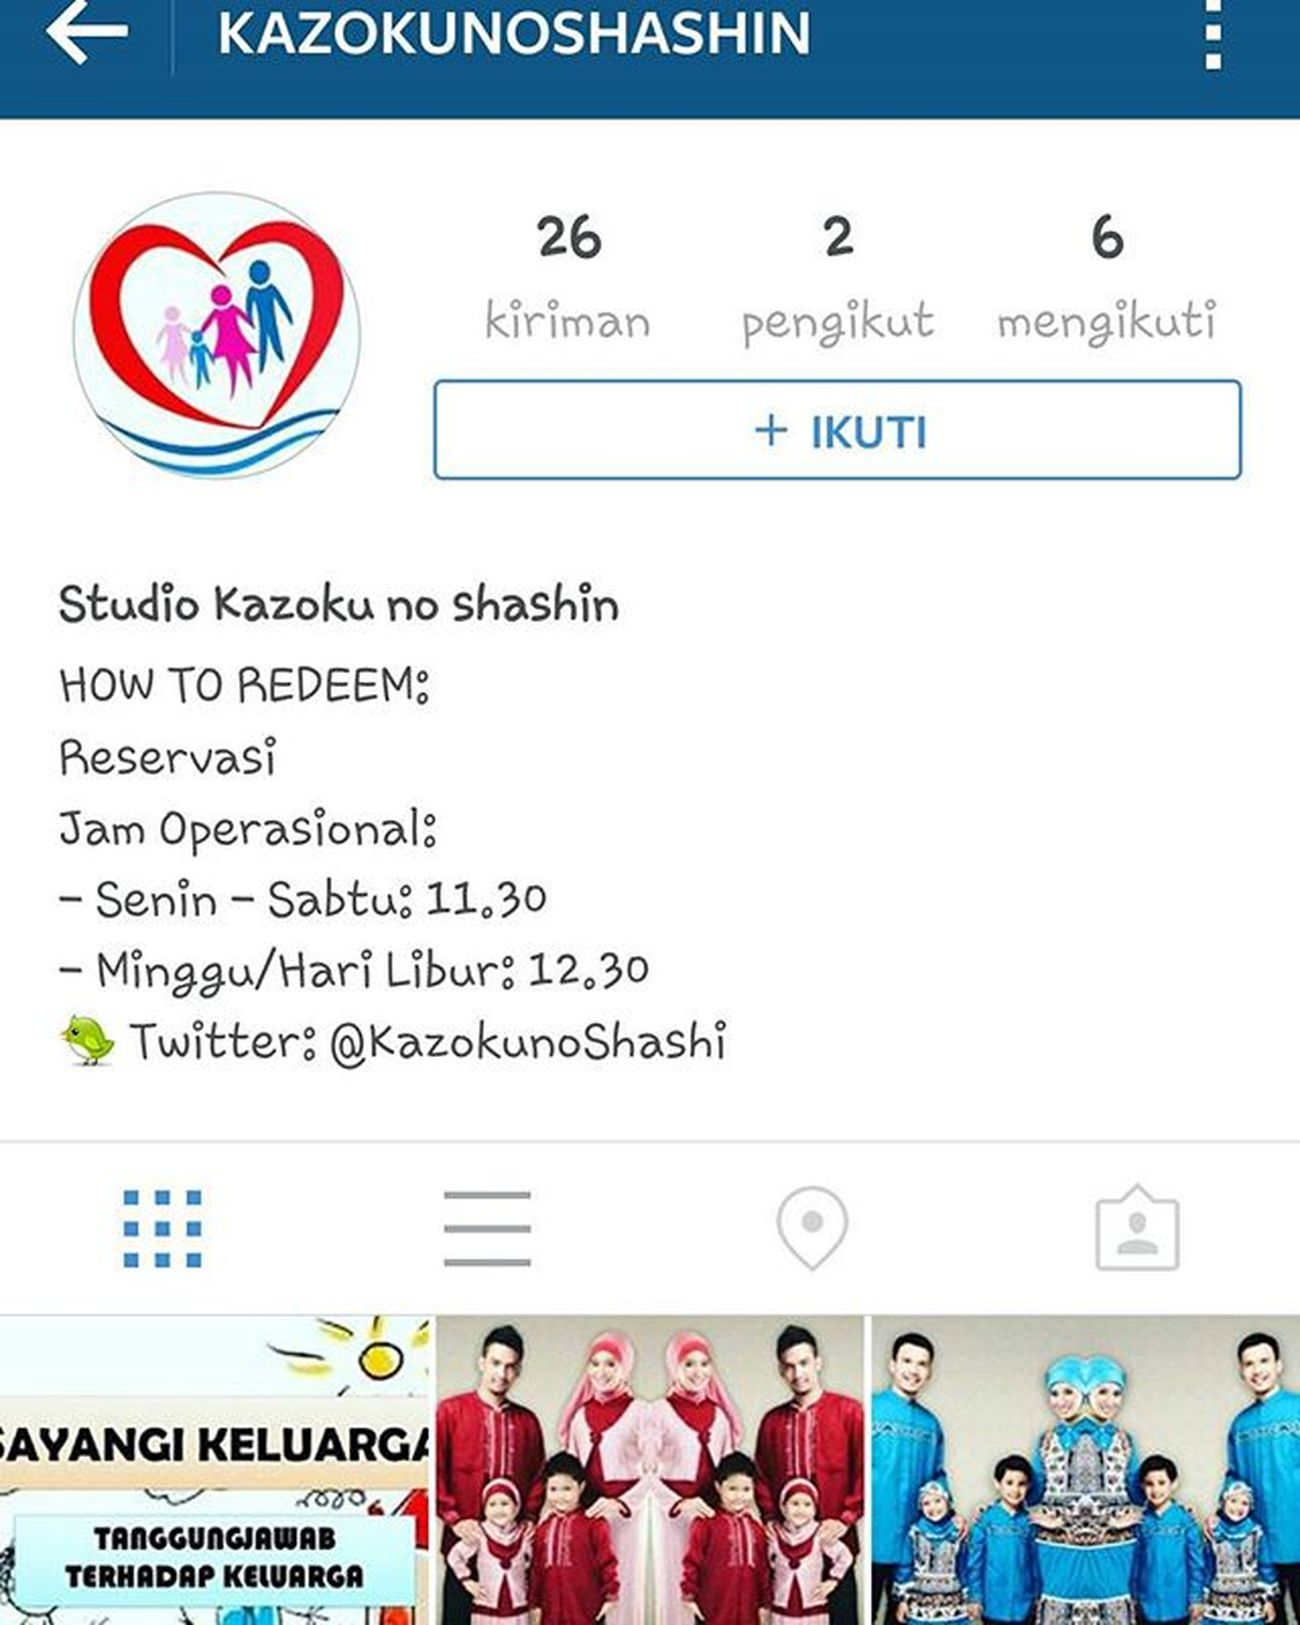 Kazokunoshashin Follow @kazokunoshashin & @rizkinizer1 👍👍👍👍👍